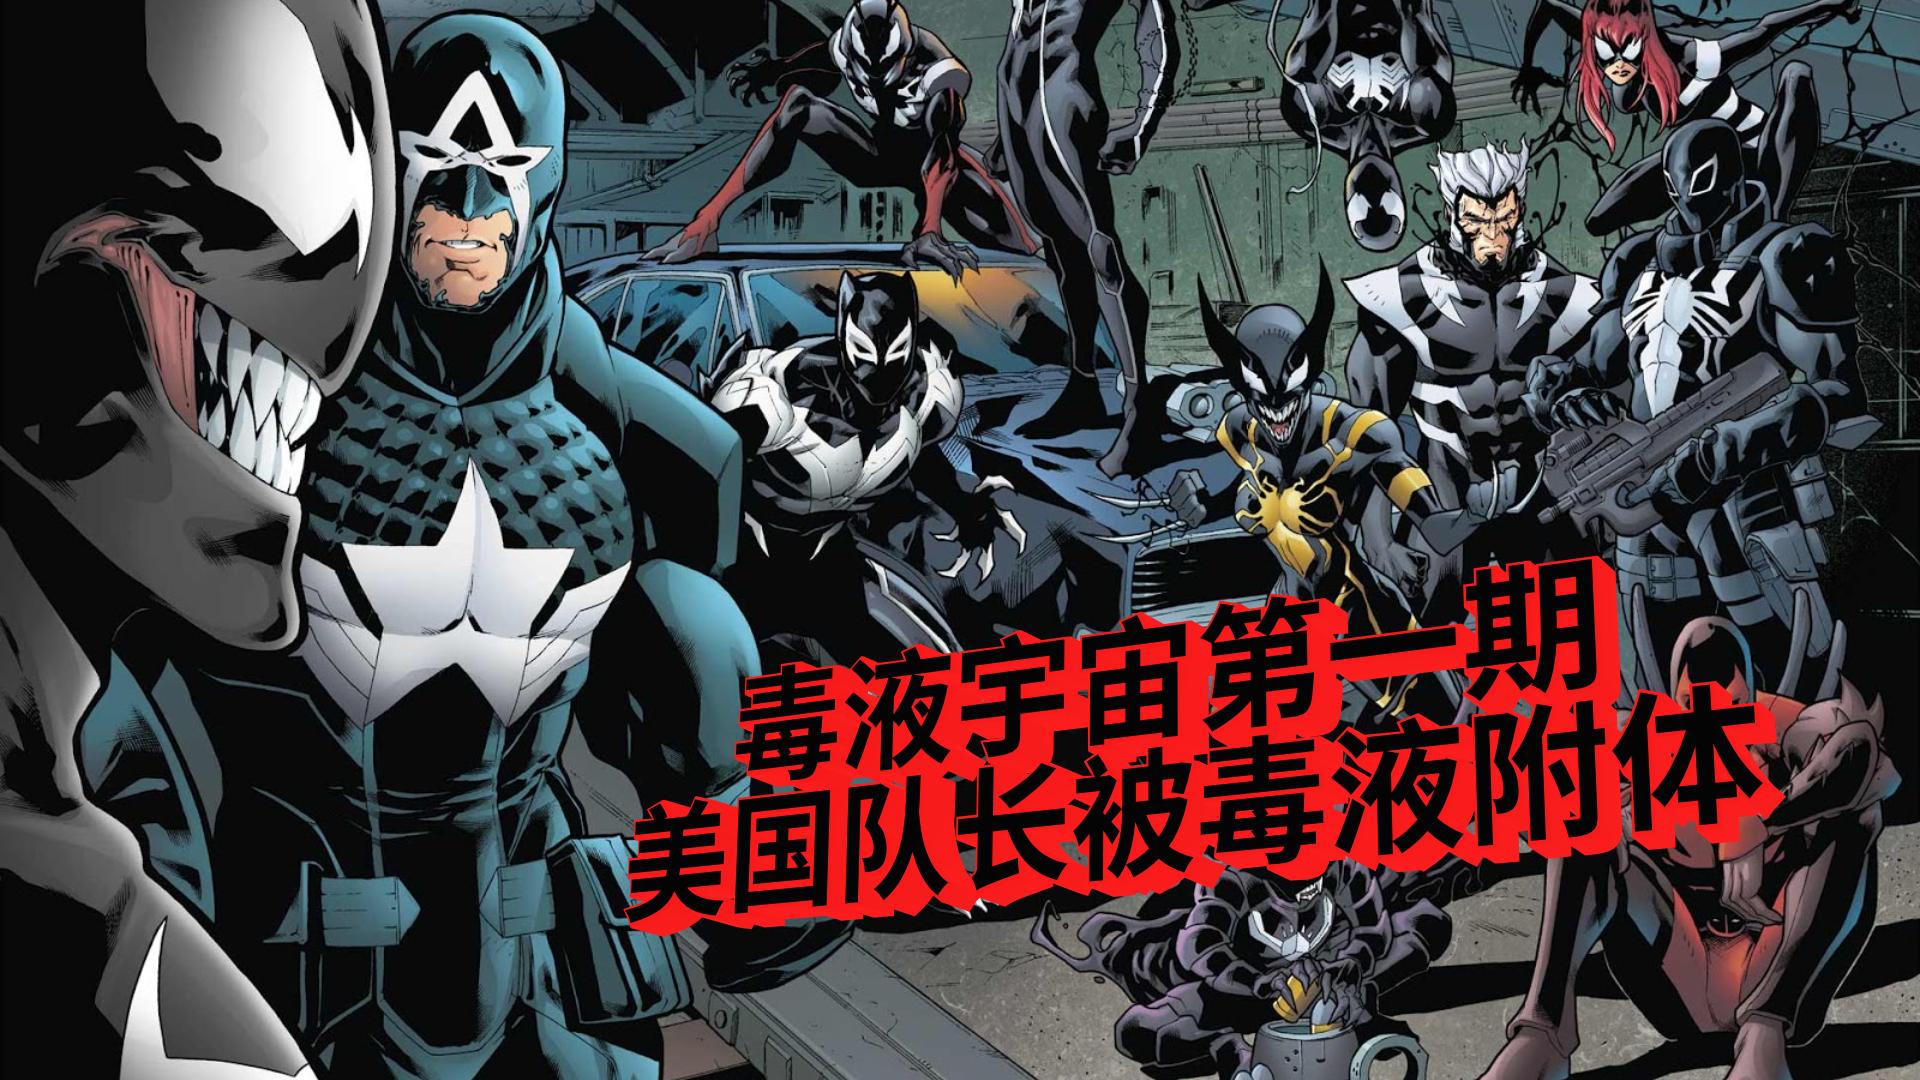 漫画电影【毒液宇宙】第一期 美国队长被毒液附体